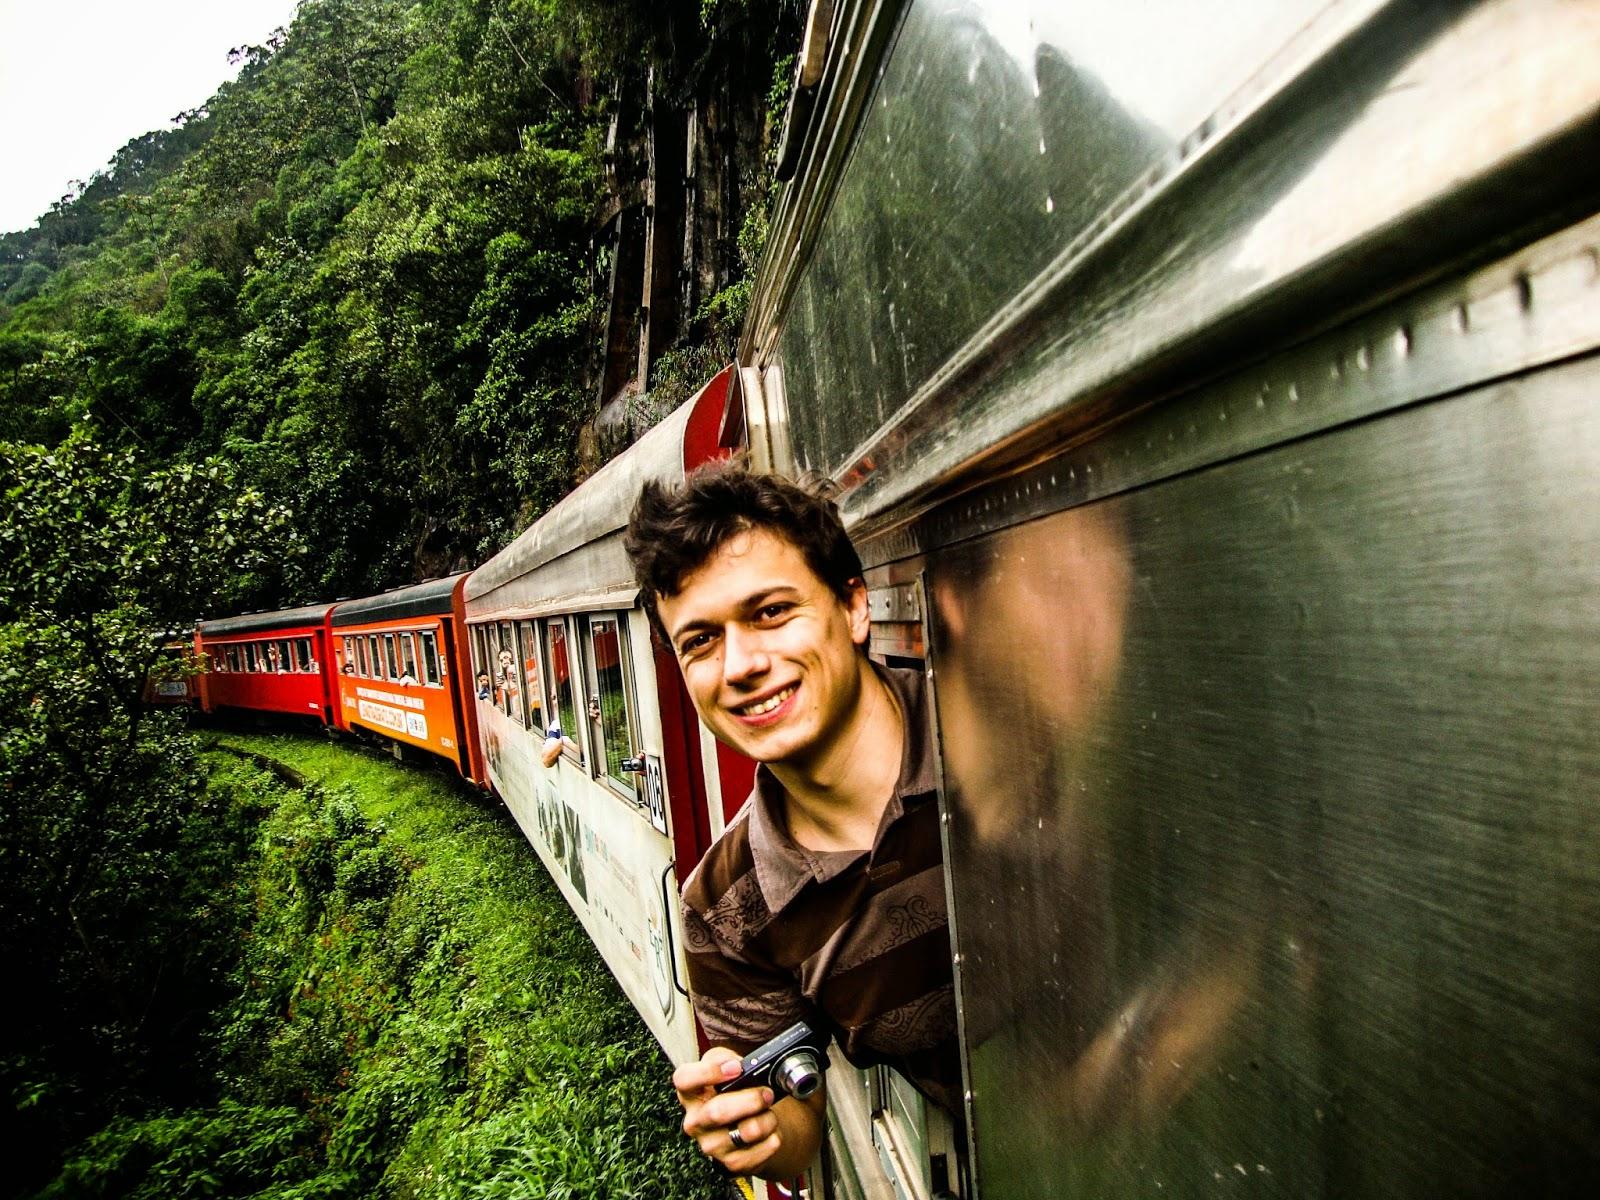 Resultado de imagem para passeio de trem curitiba